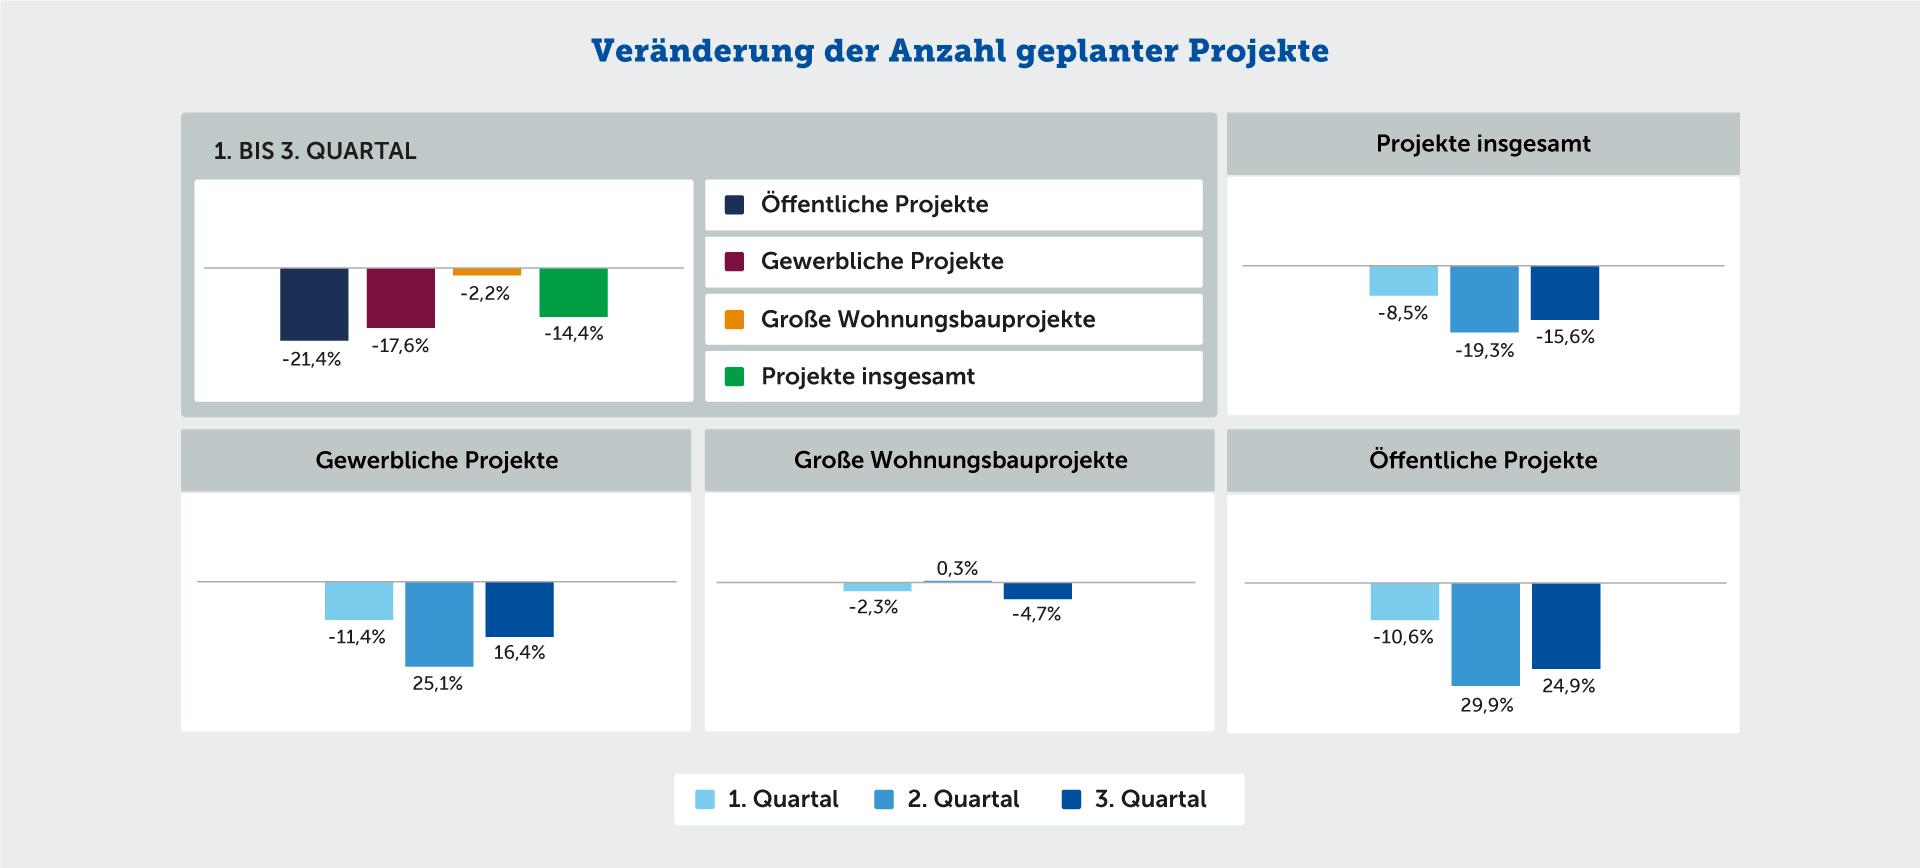 Veränderung der Anzahl geplanter Projekte